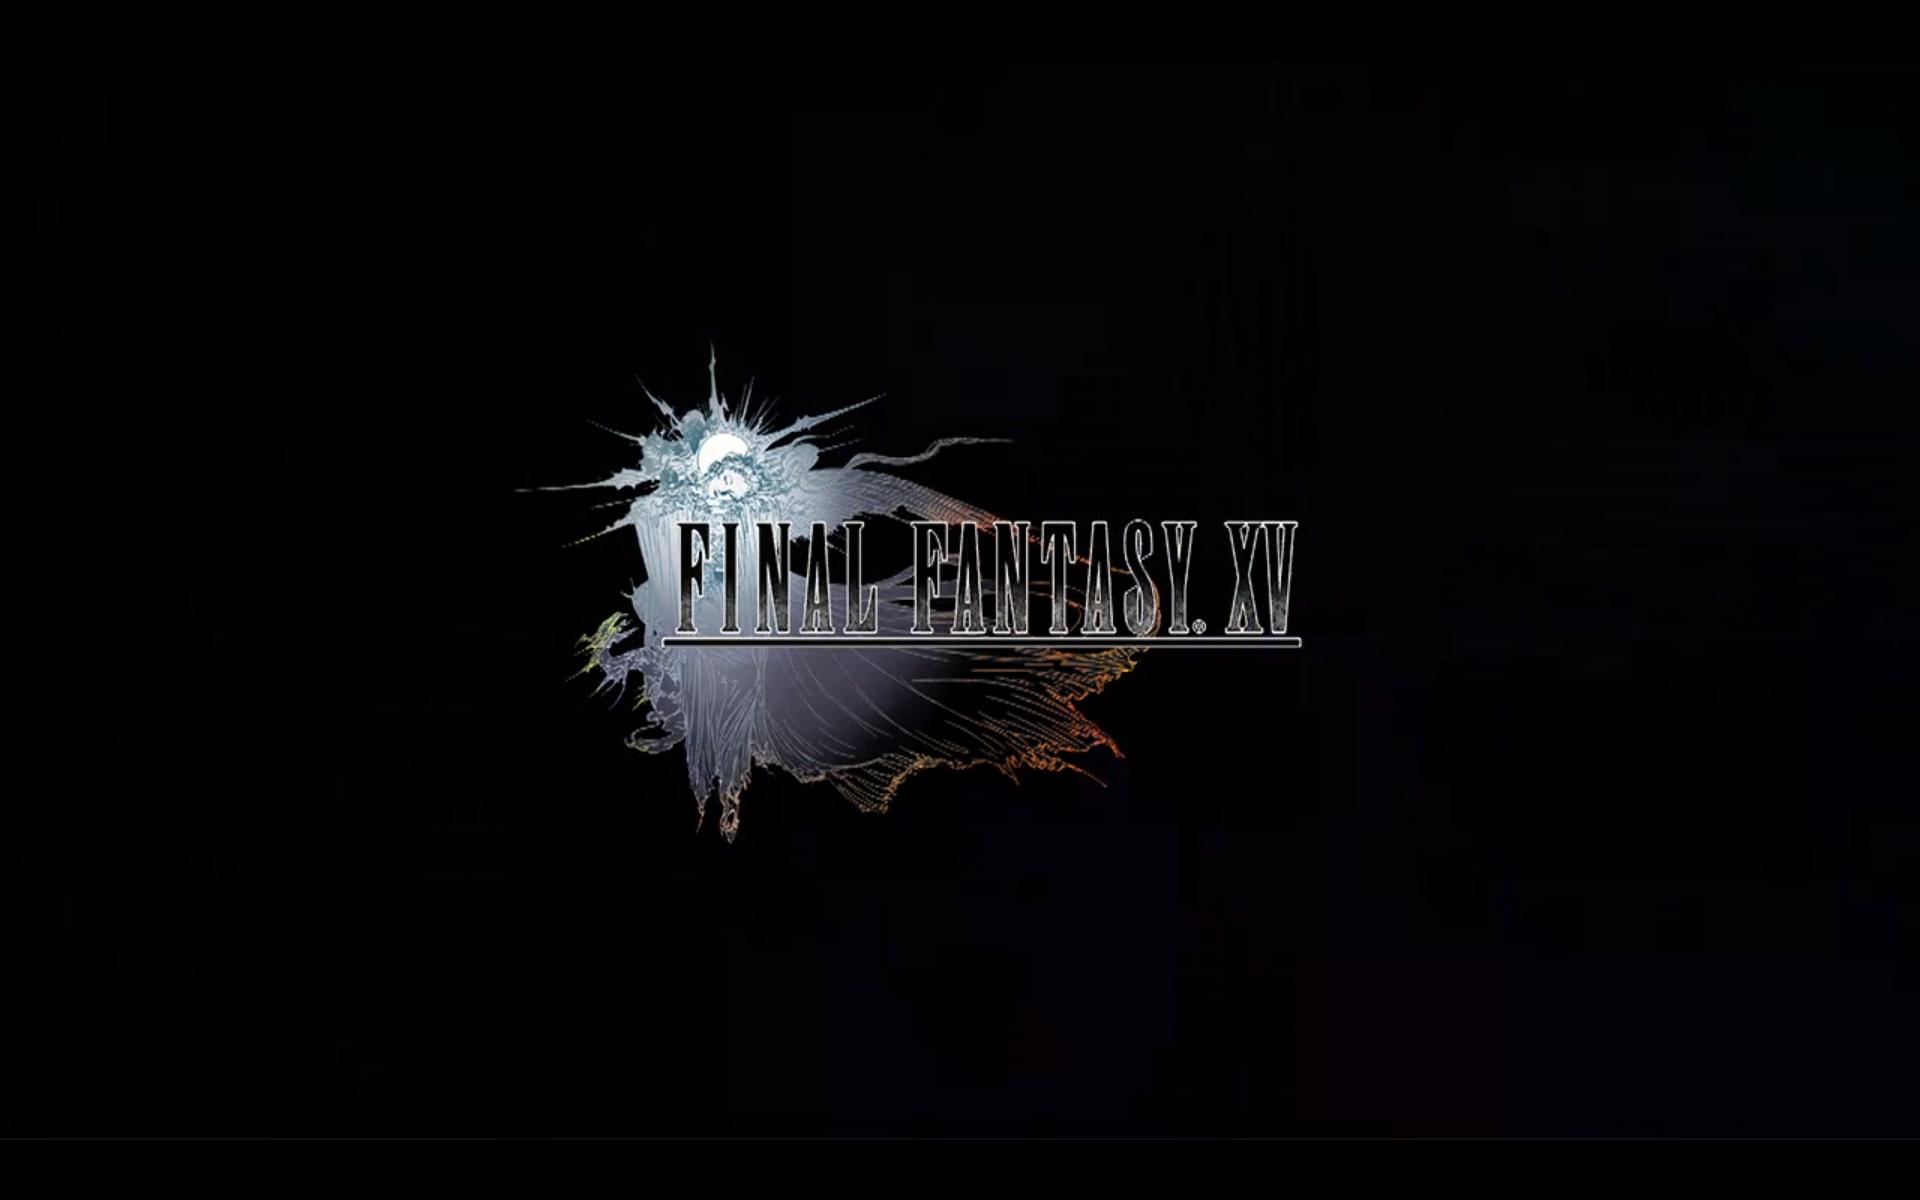 Final Fantasy Xv Logo Uhd 4k Wallpaper: Black Game Logo Final Fantasy XV Wallpapers And Images